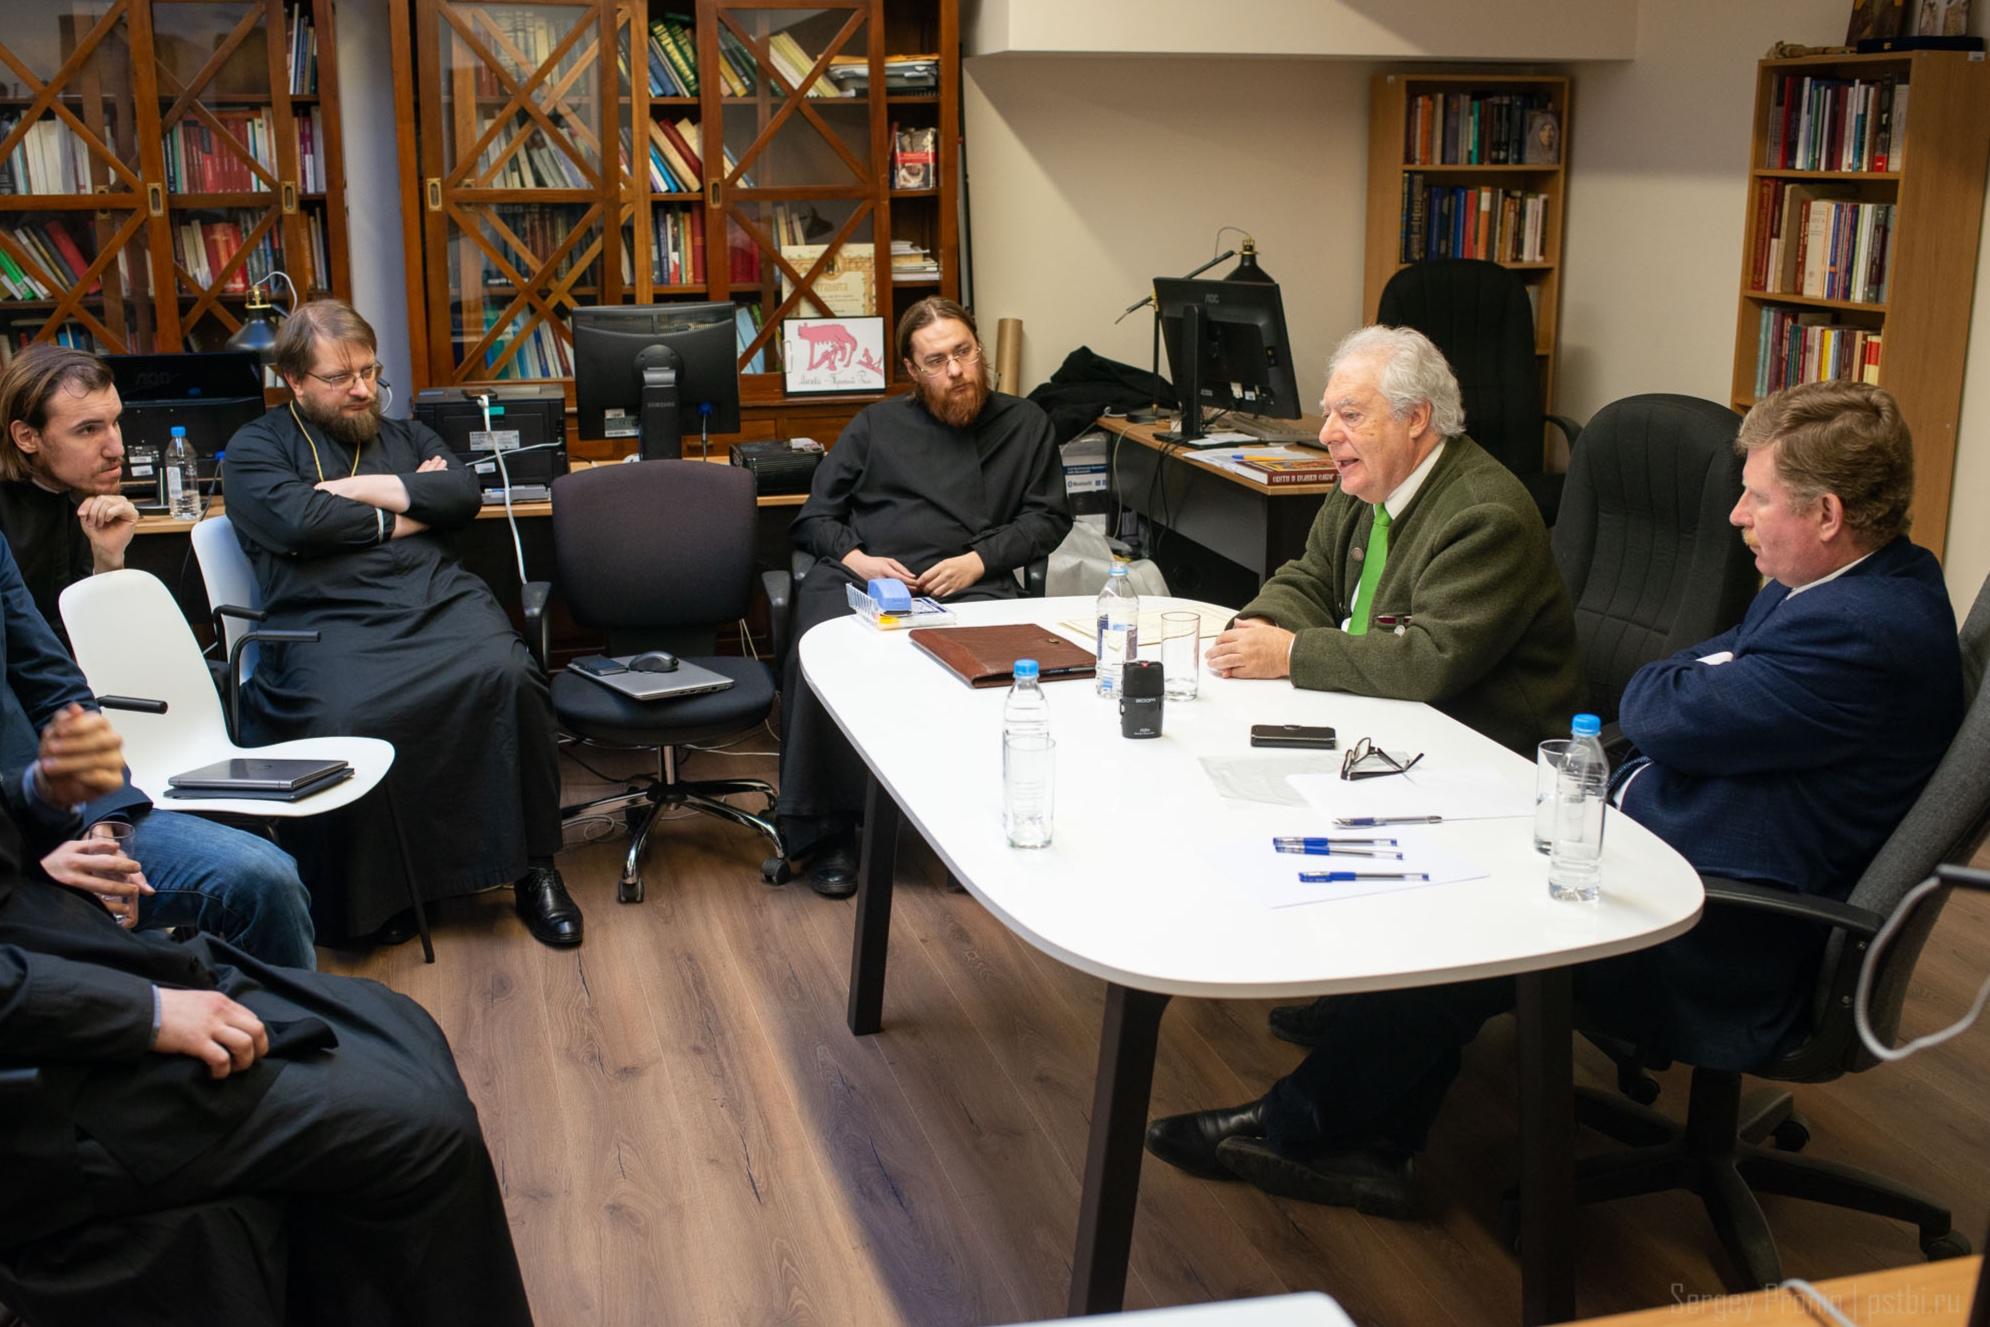 Луис Гарсия Морено представил в ЛИЦИ доклад о политической власти толедских епископов